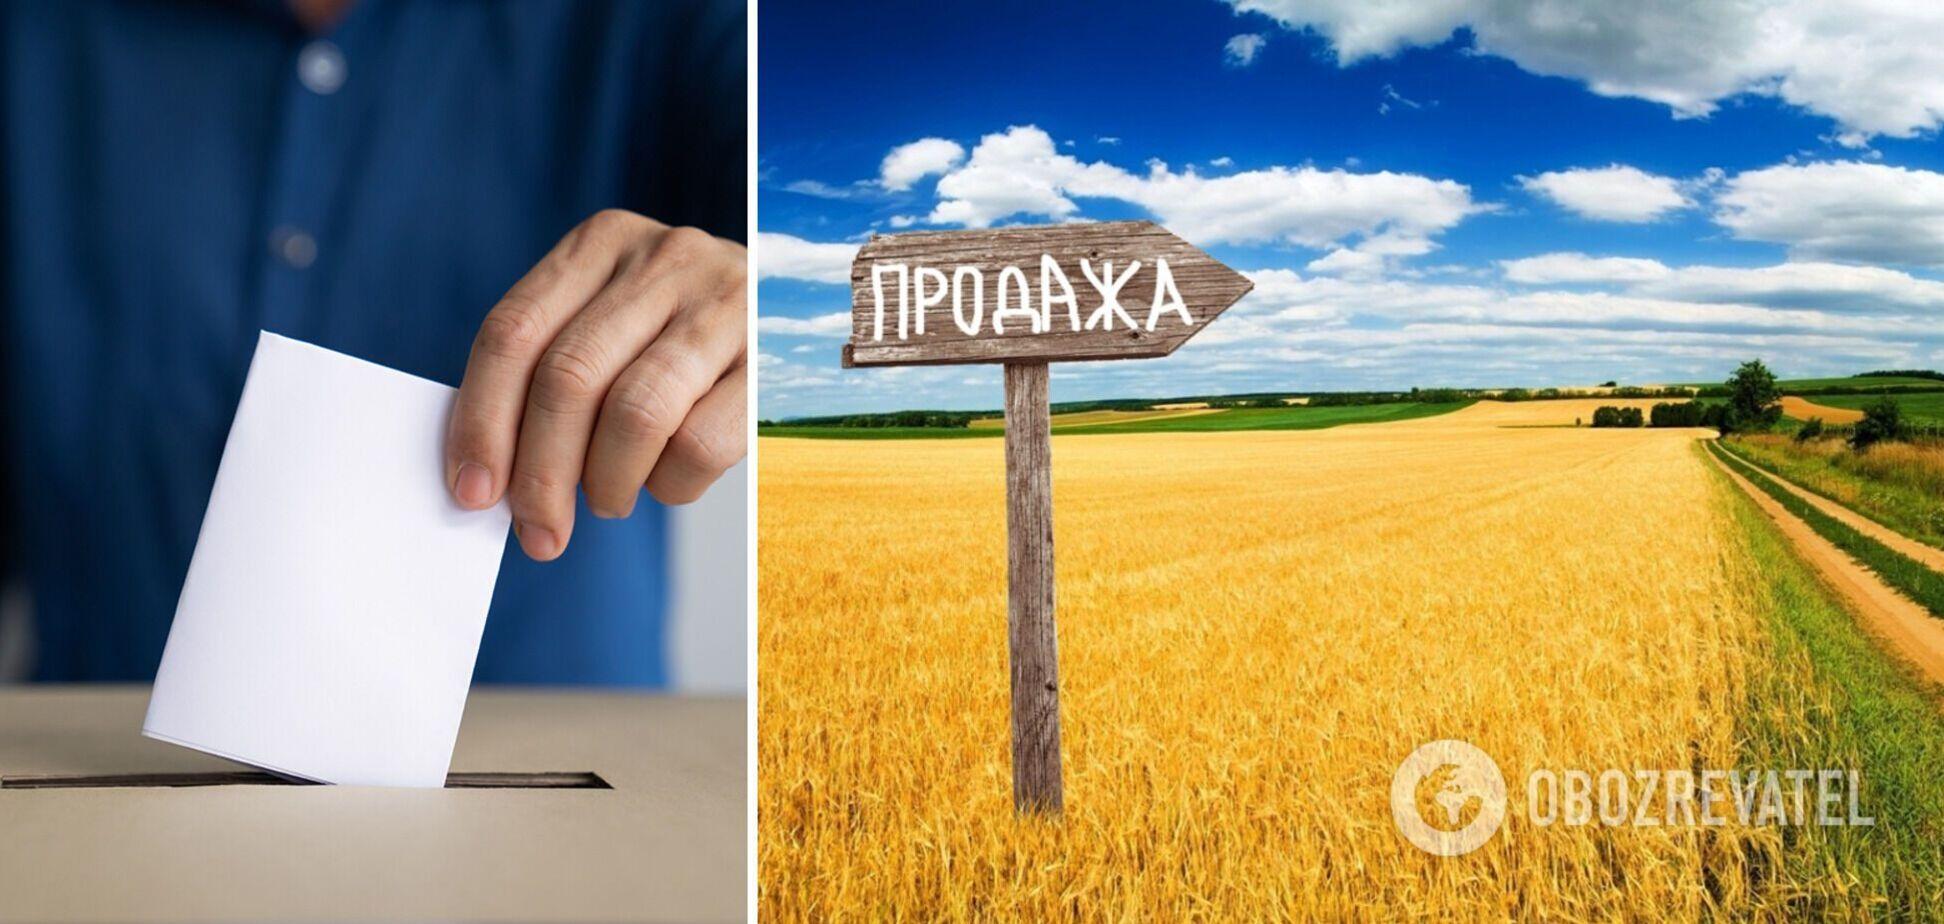 Більшість українців виступає проти продажу землі та за референдум, – соціолог